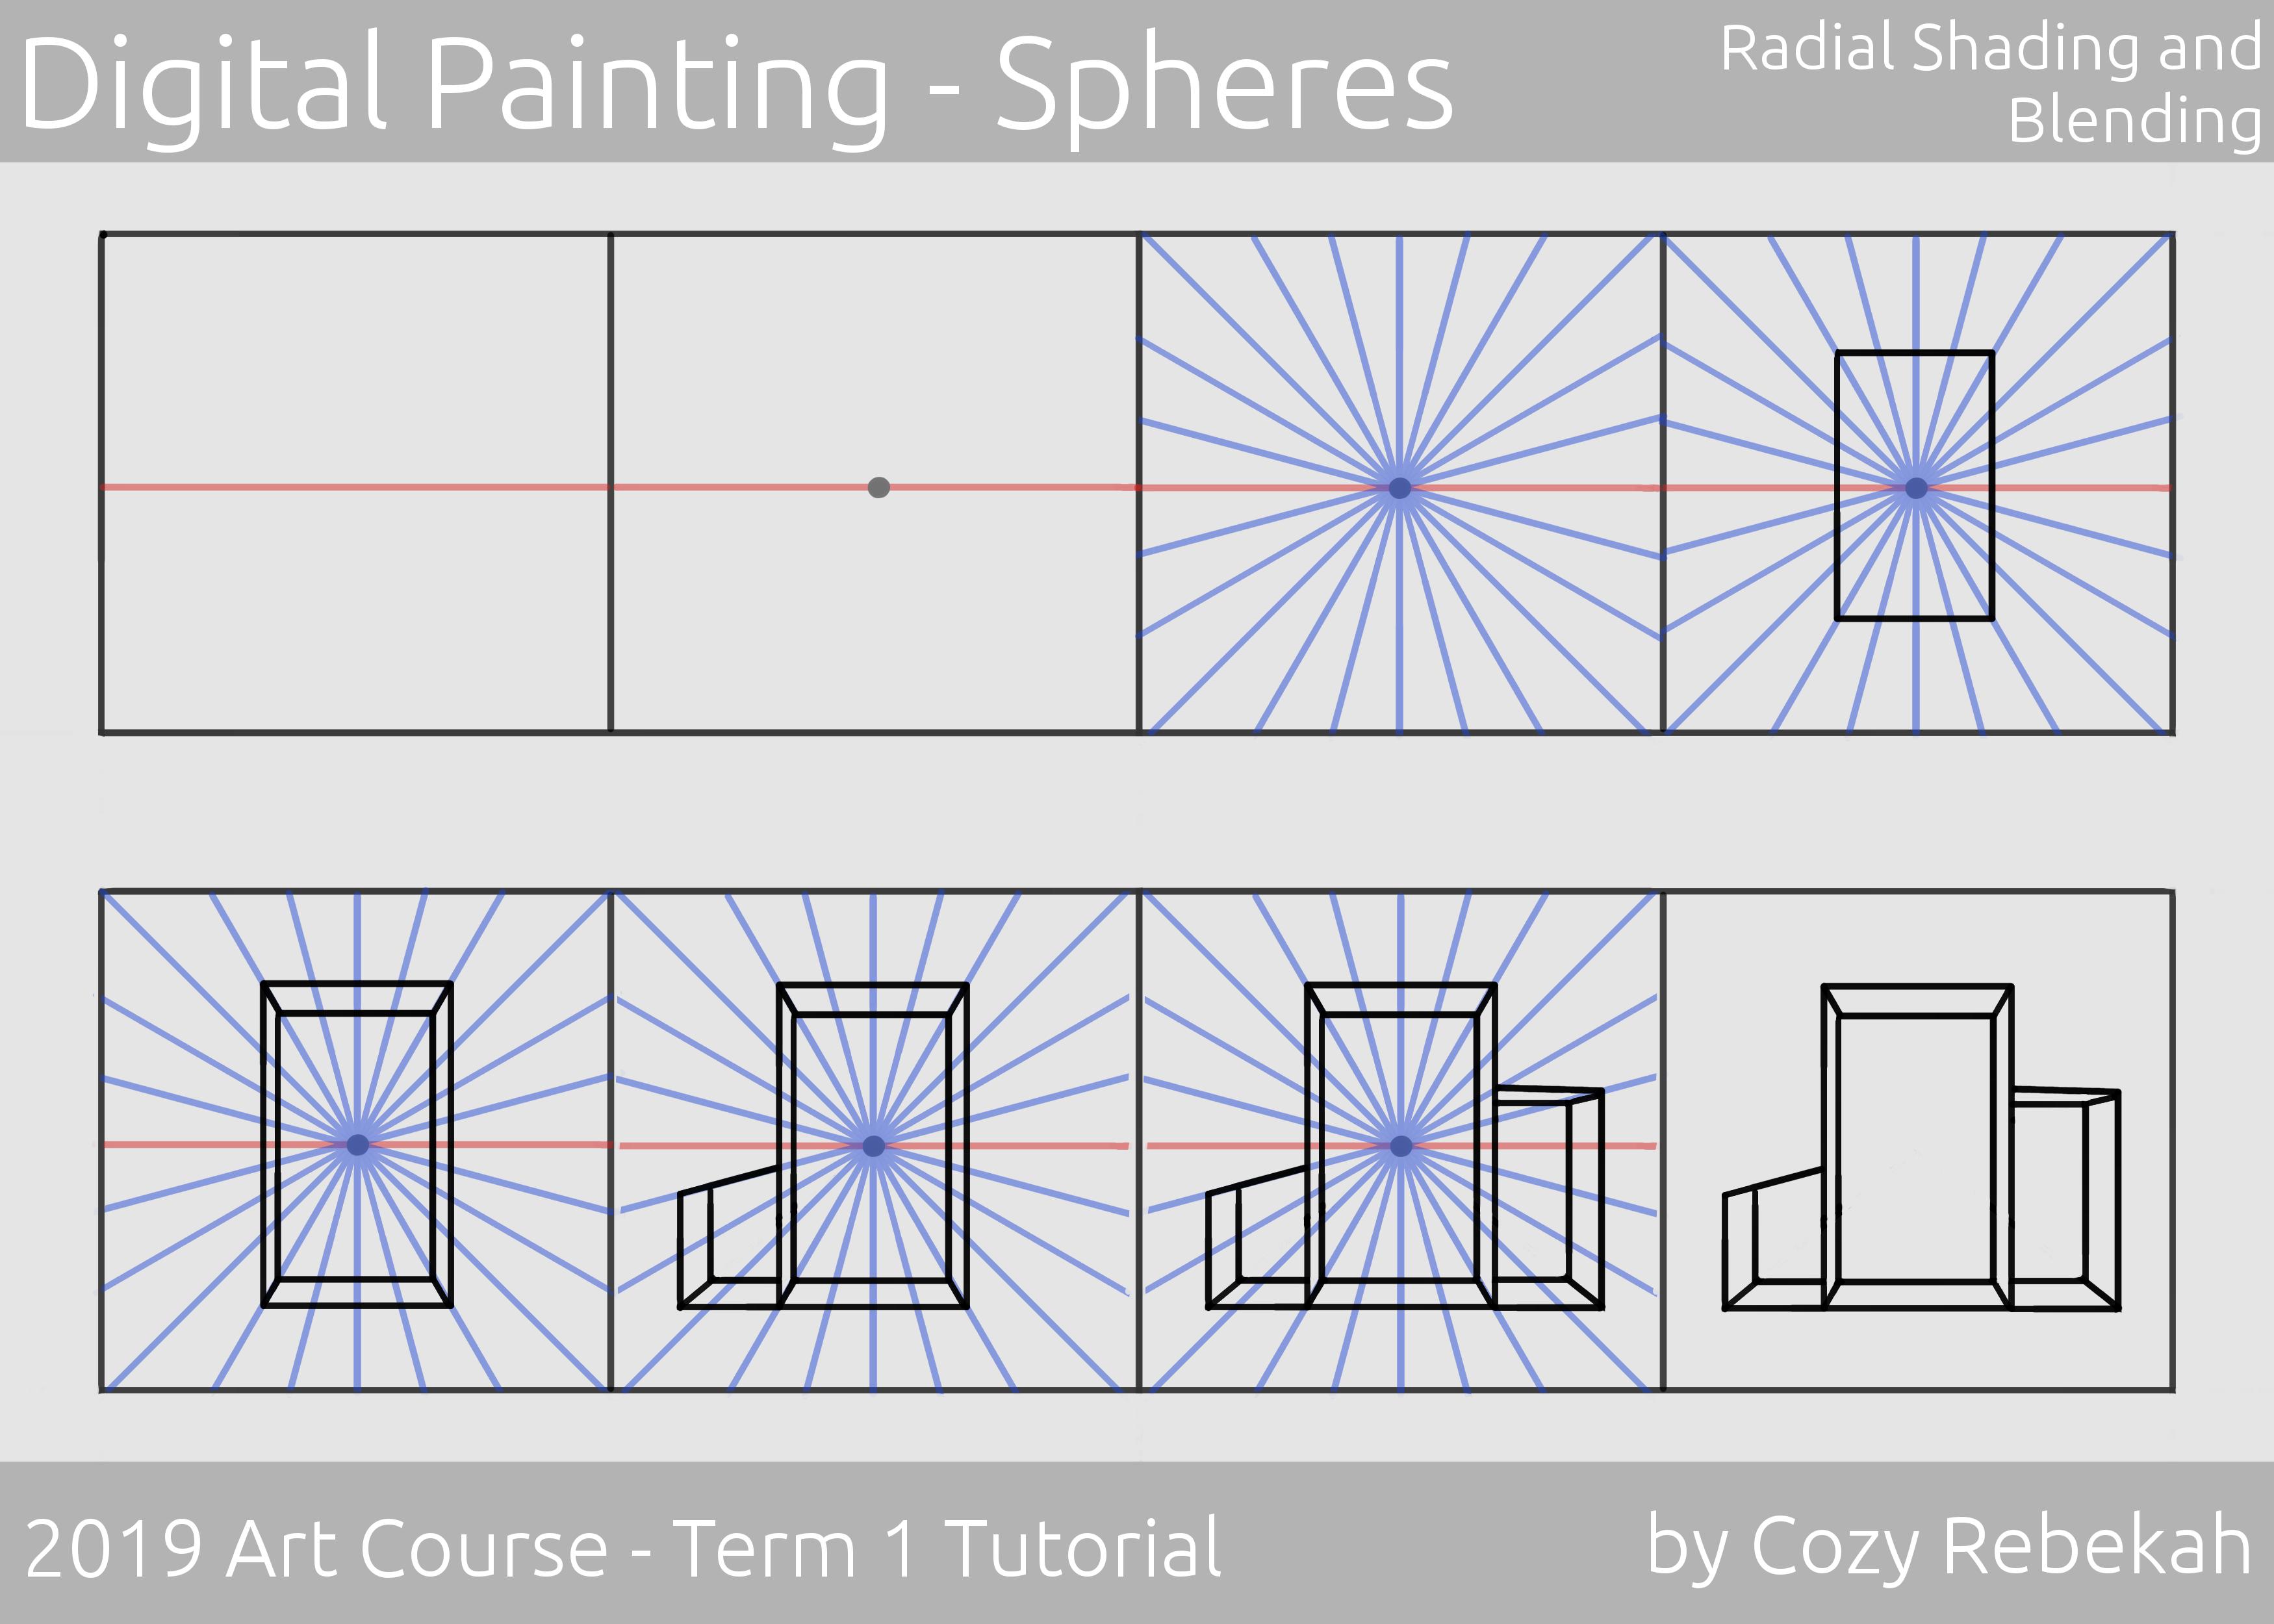 2019 Art Course - Term 1 - One Point Perspective Tutorial - cozyrebekah.com